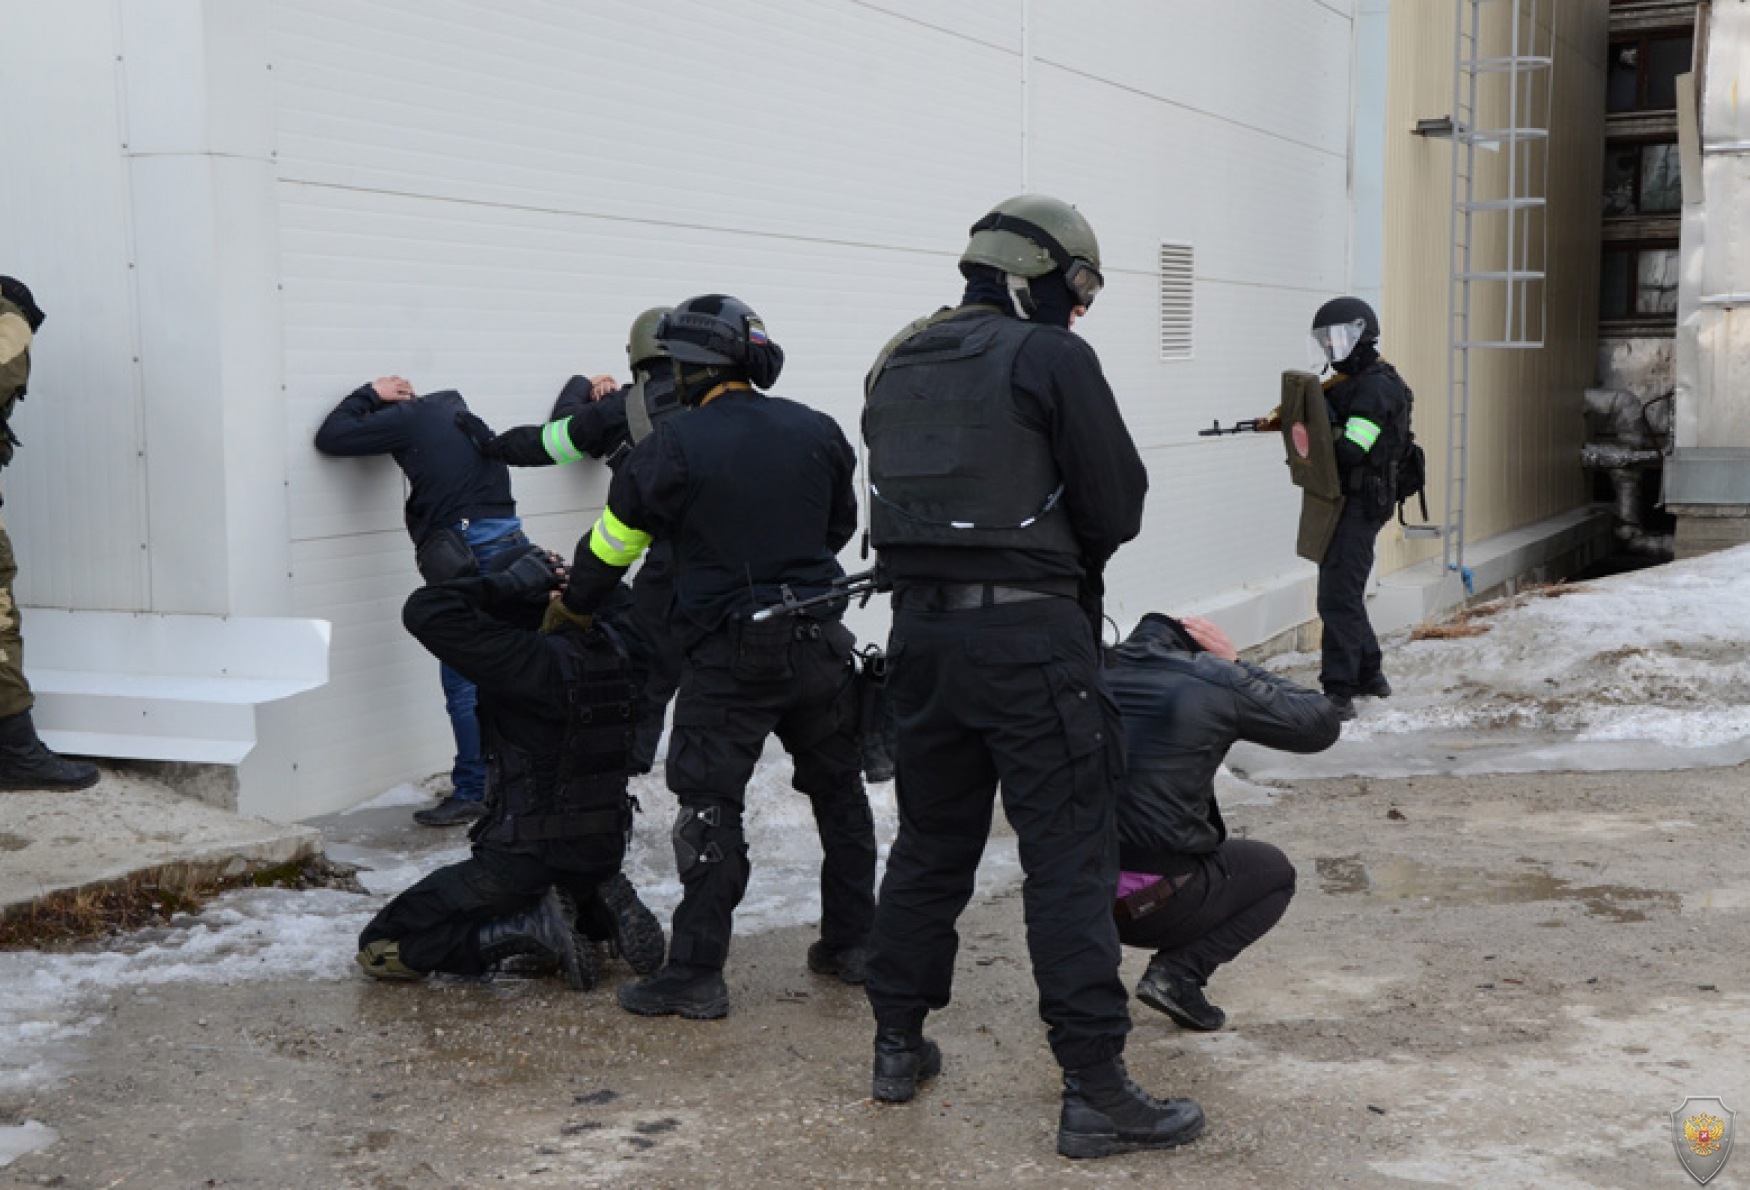 Тактико-специальное учение «Метель-2014». Республика Саха (Якутия). 20 мая 2014 года